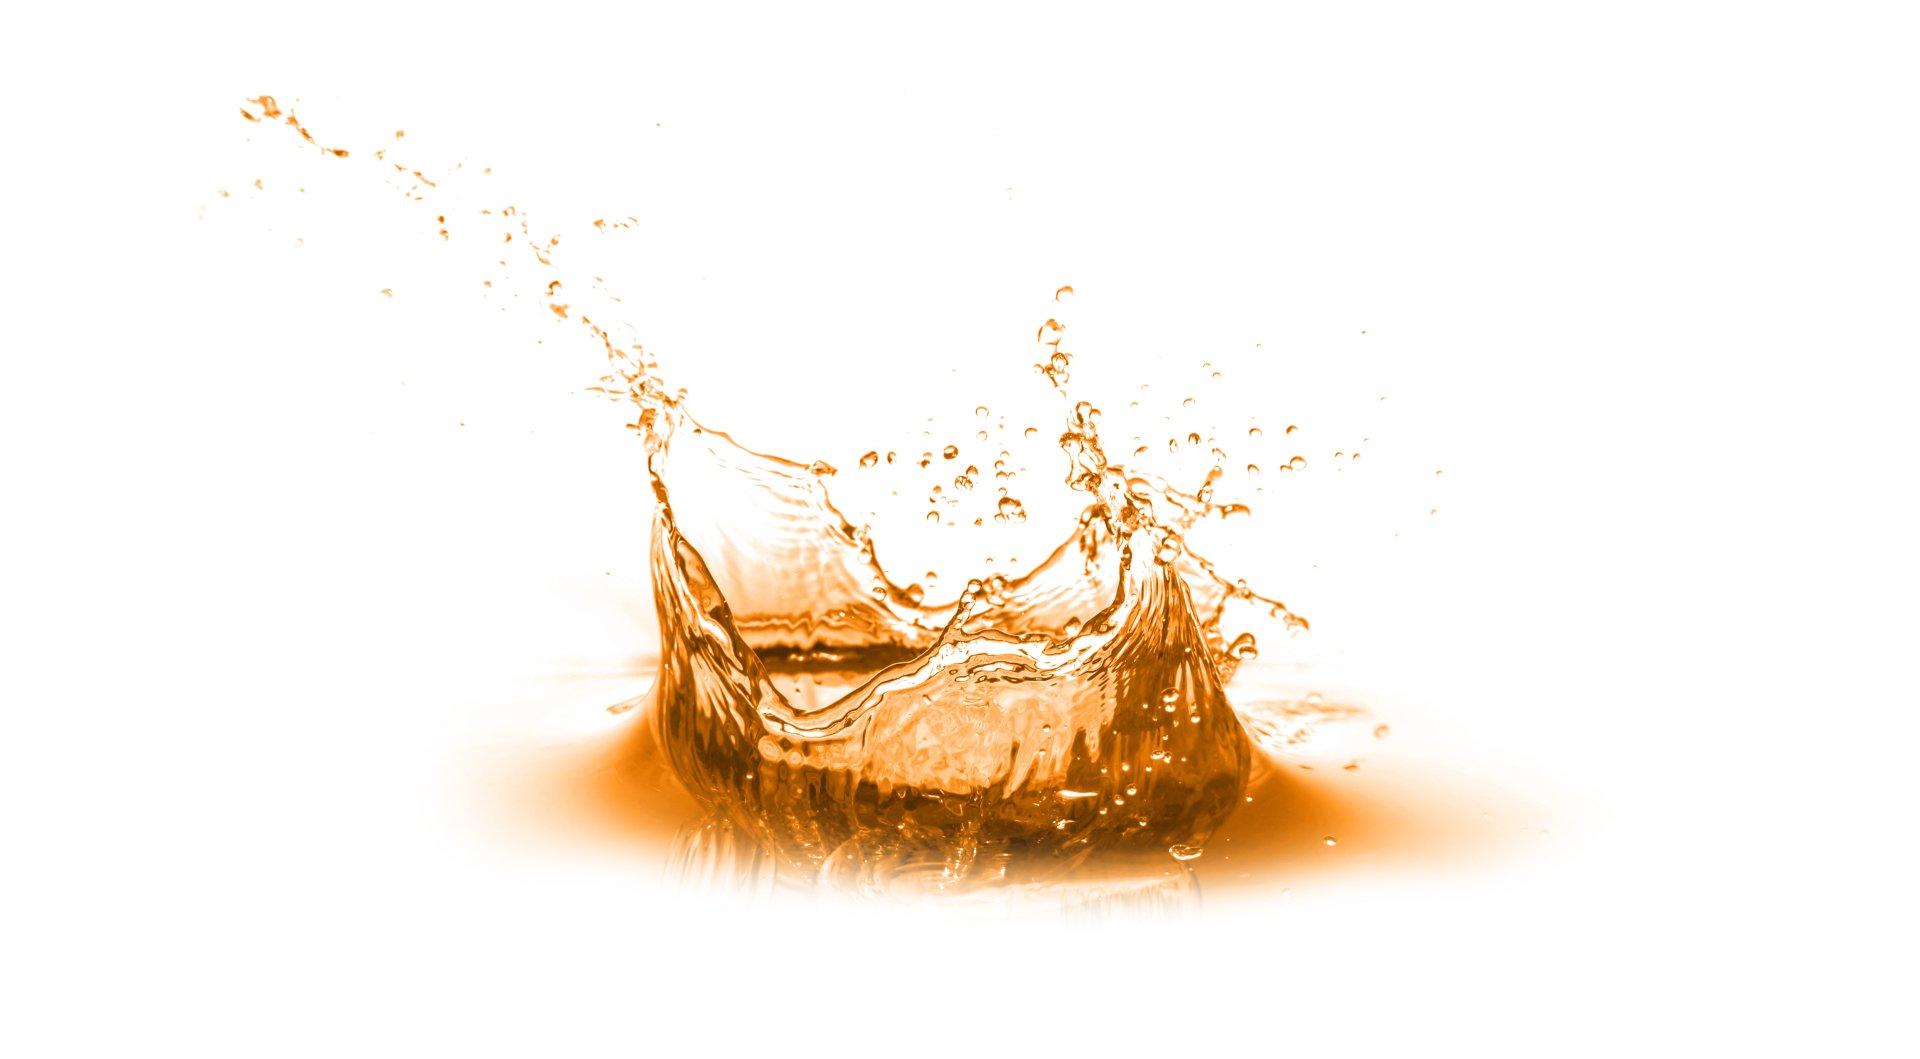 liquidsplash2